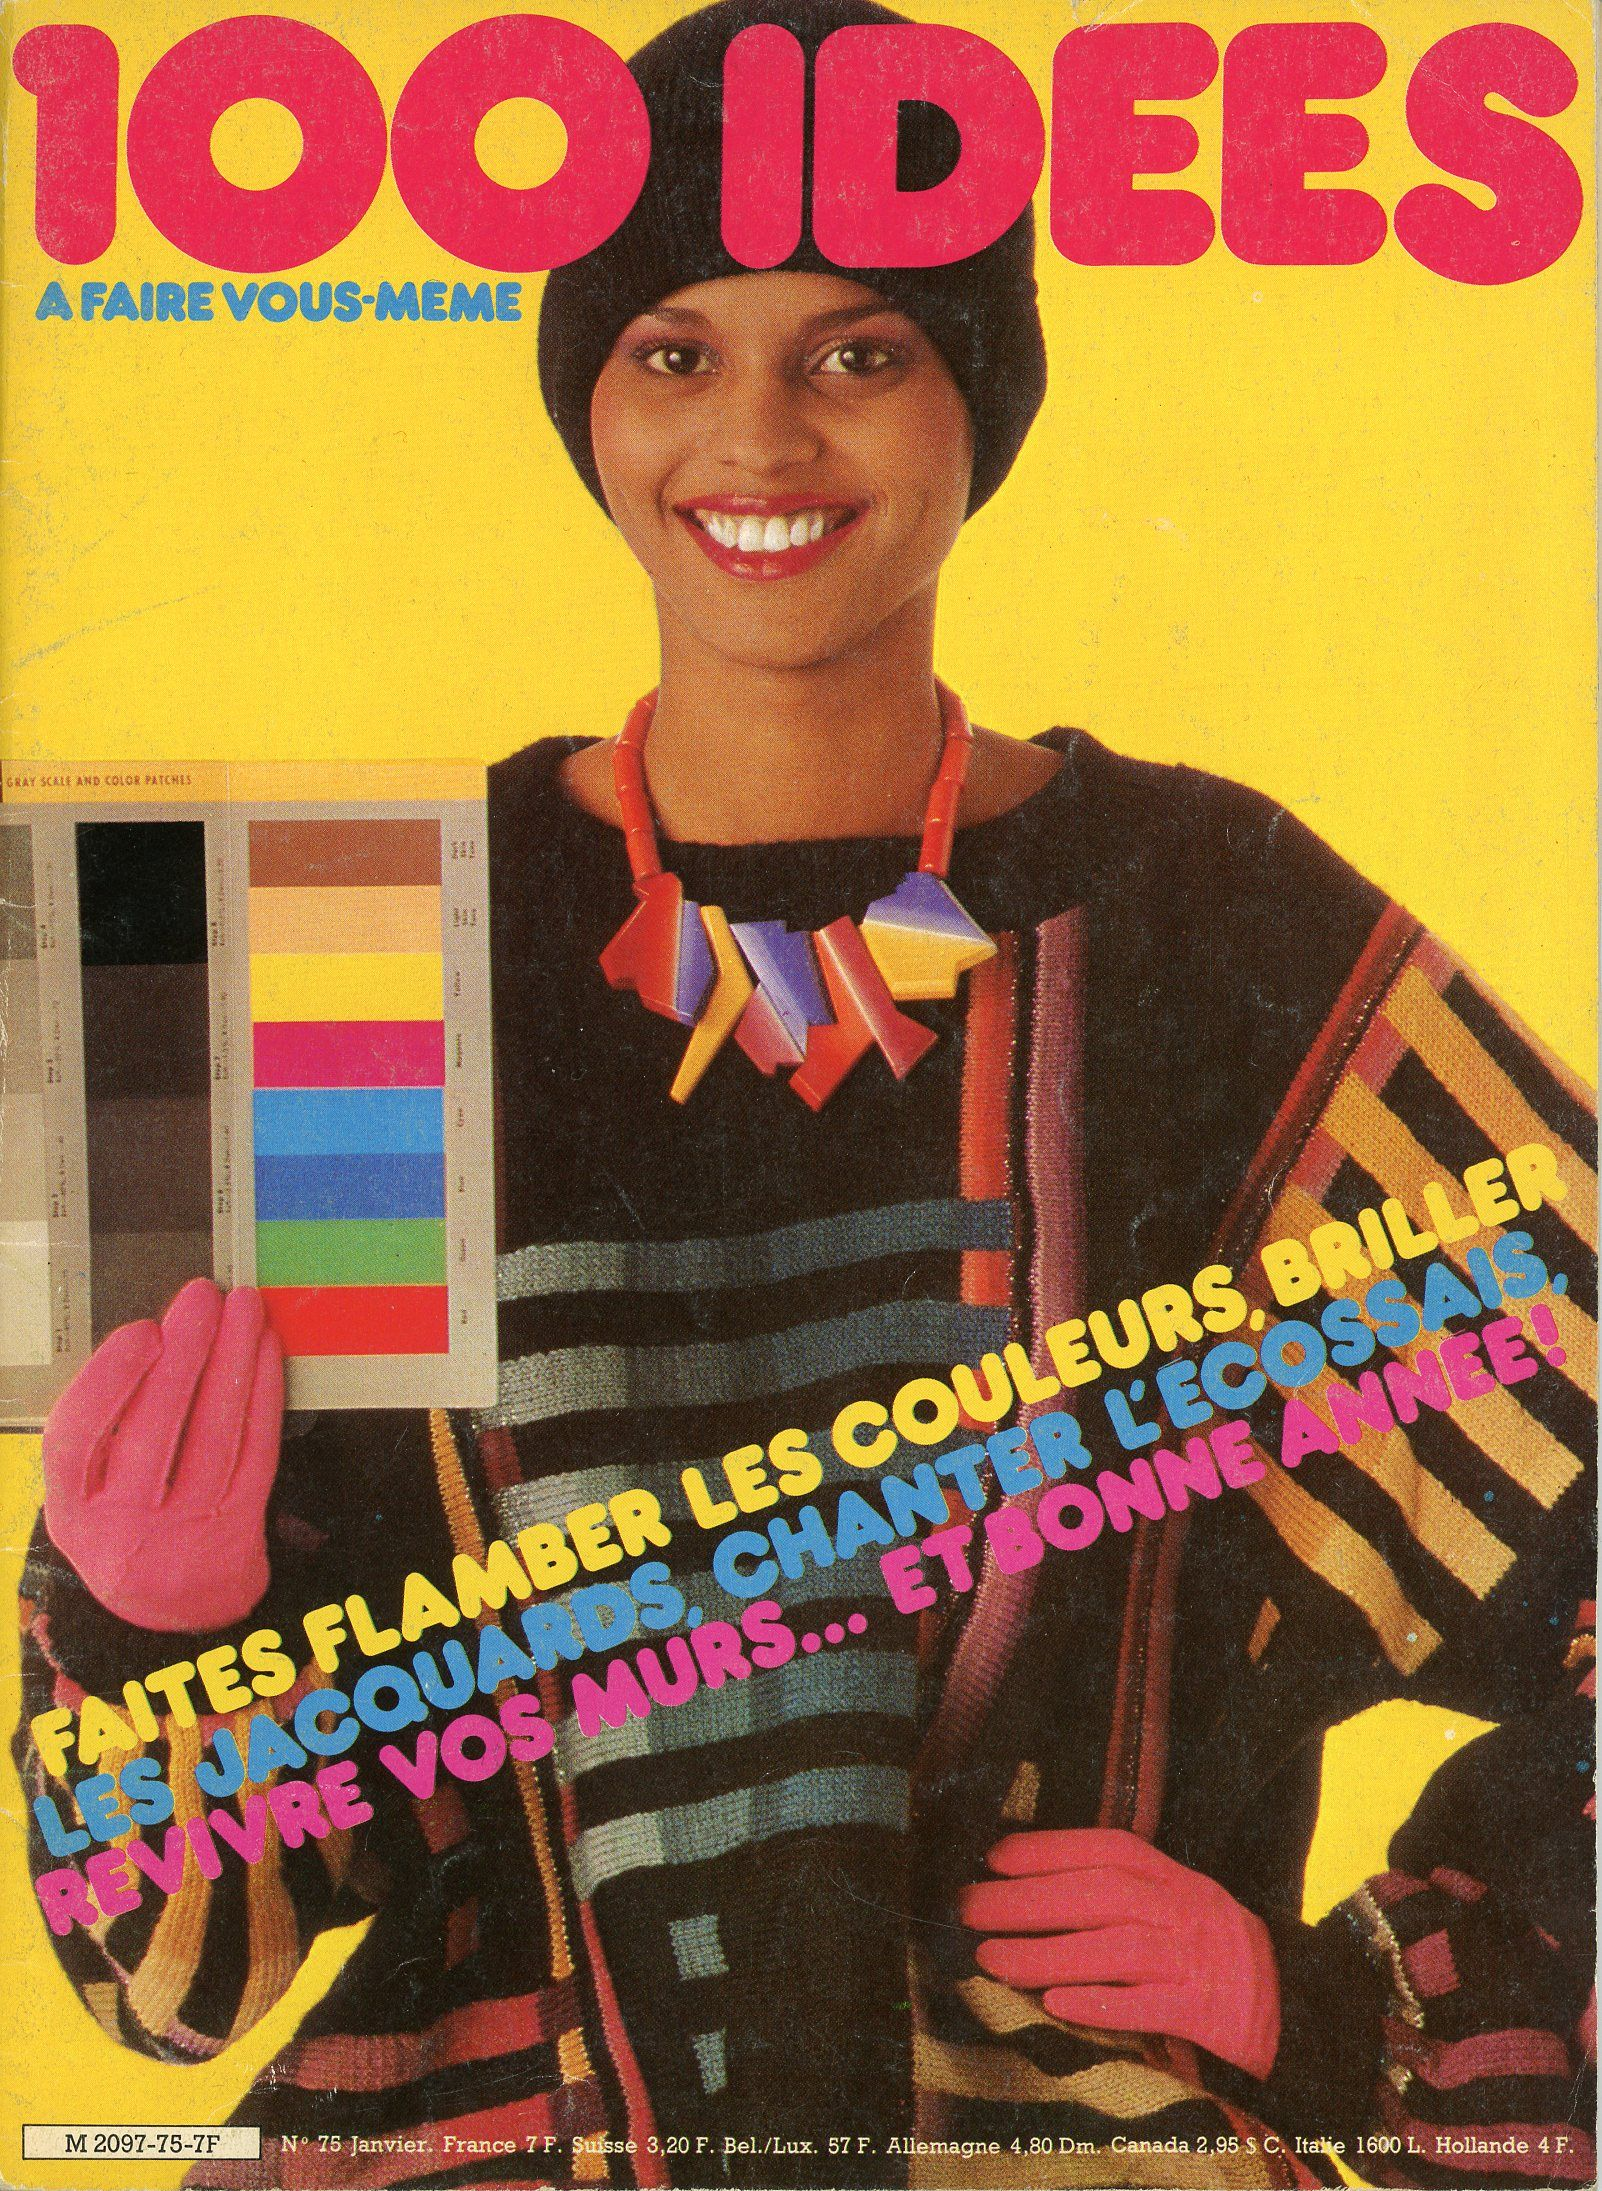 100 idées n° 75 - Janvier 1980 - couverture - Photo Jérôme Tisné.